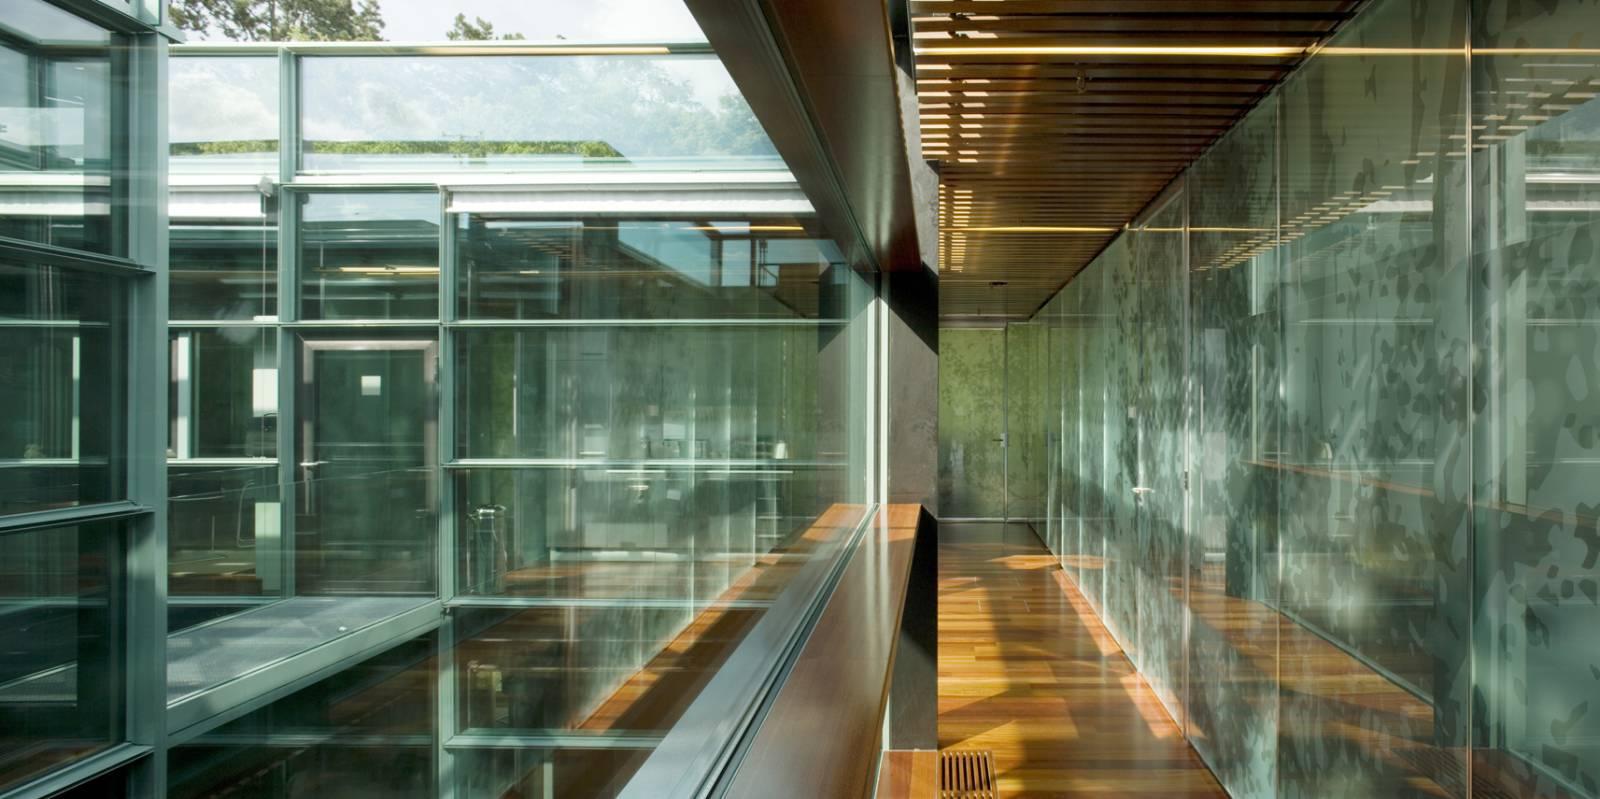 richemont headquarters ateliers jean nouvel. Black Bedroom Furniture Sets. Home Design Ideas